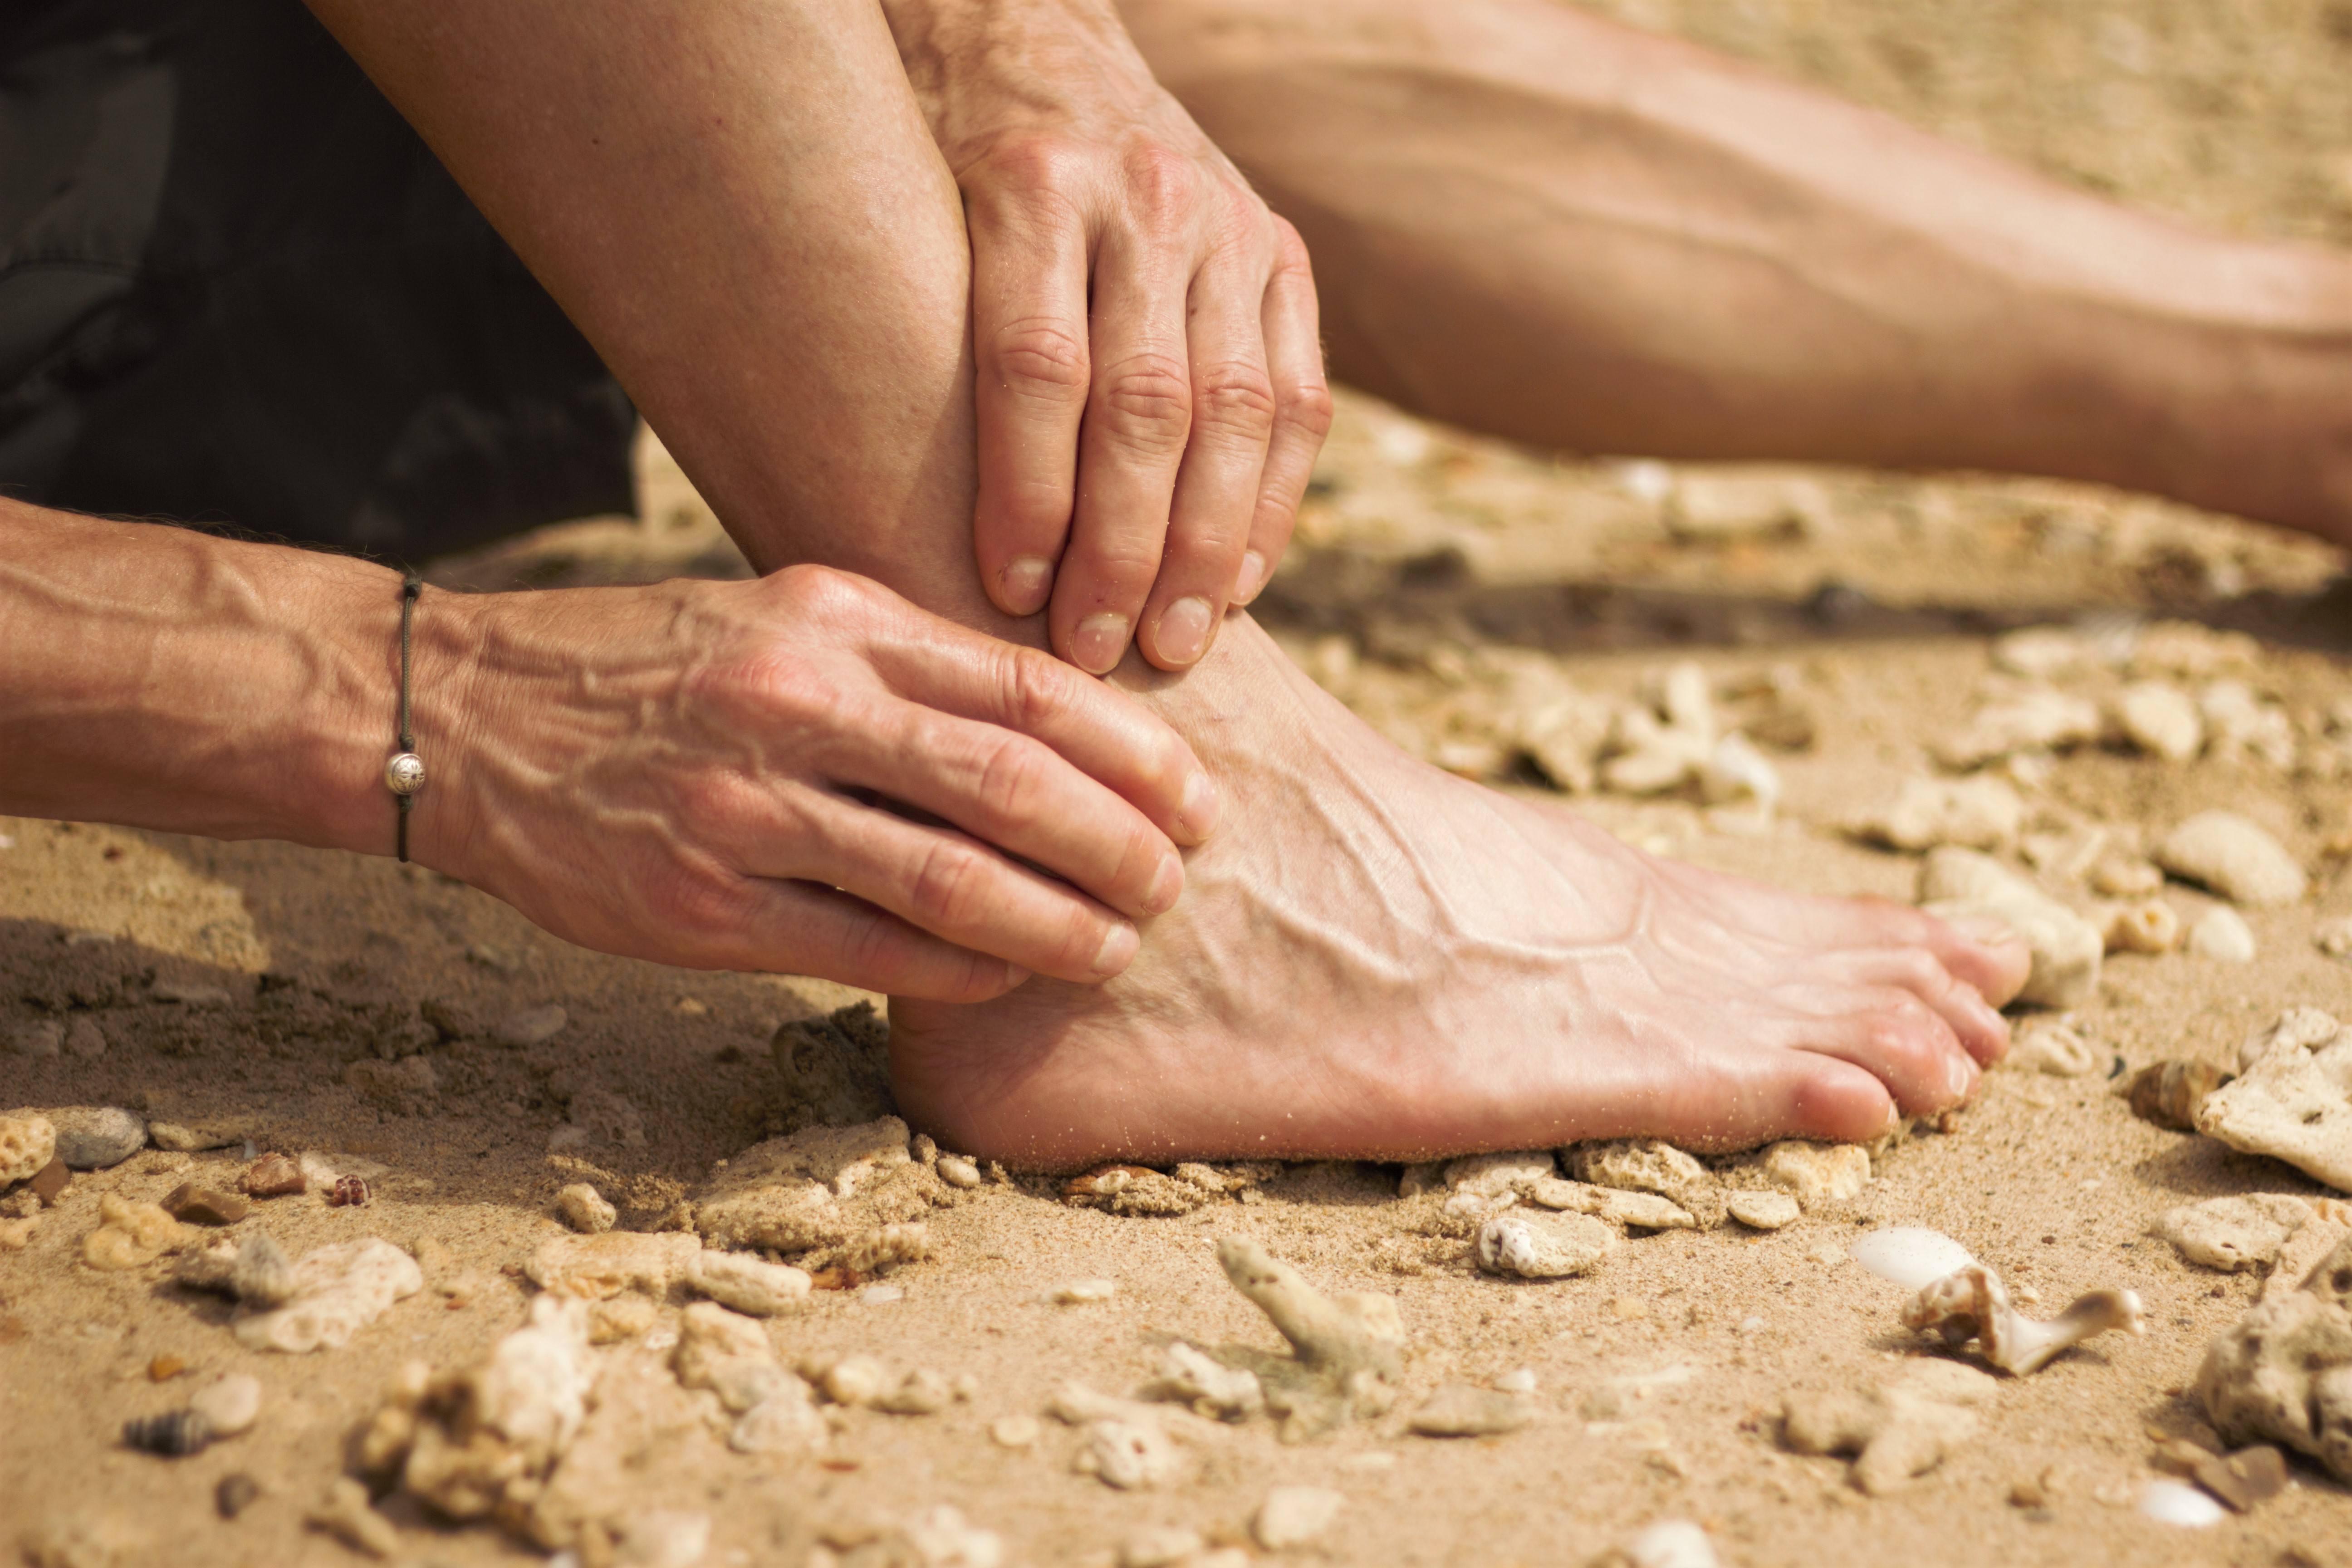 Ultralydsscanning af ankel og fod